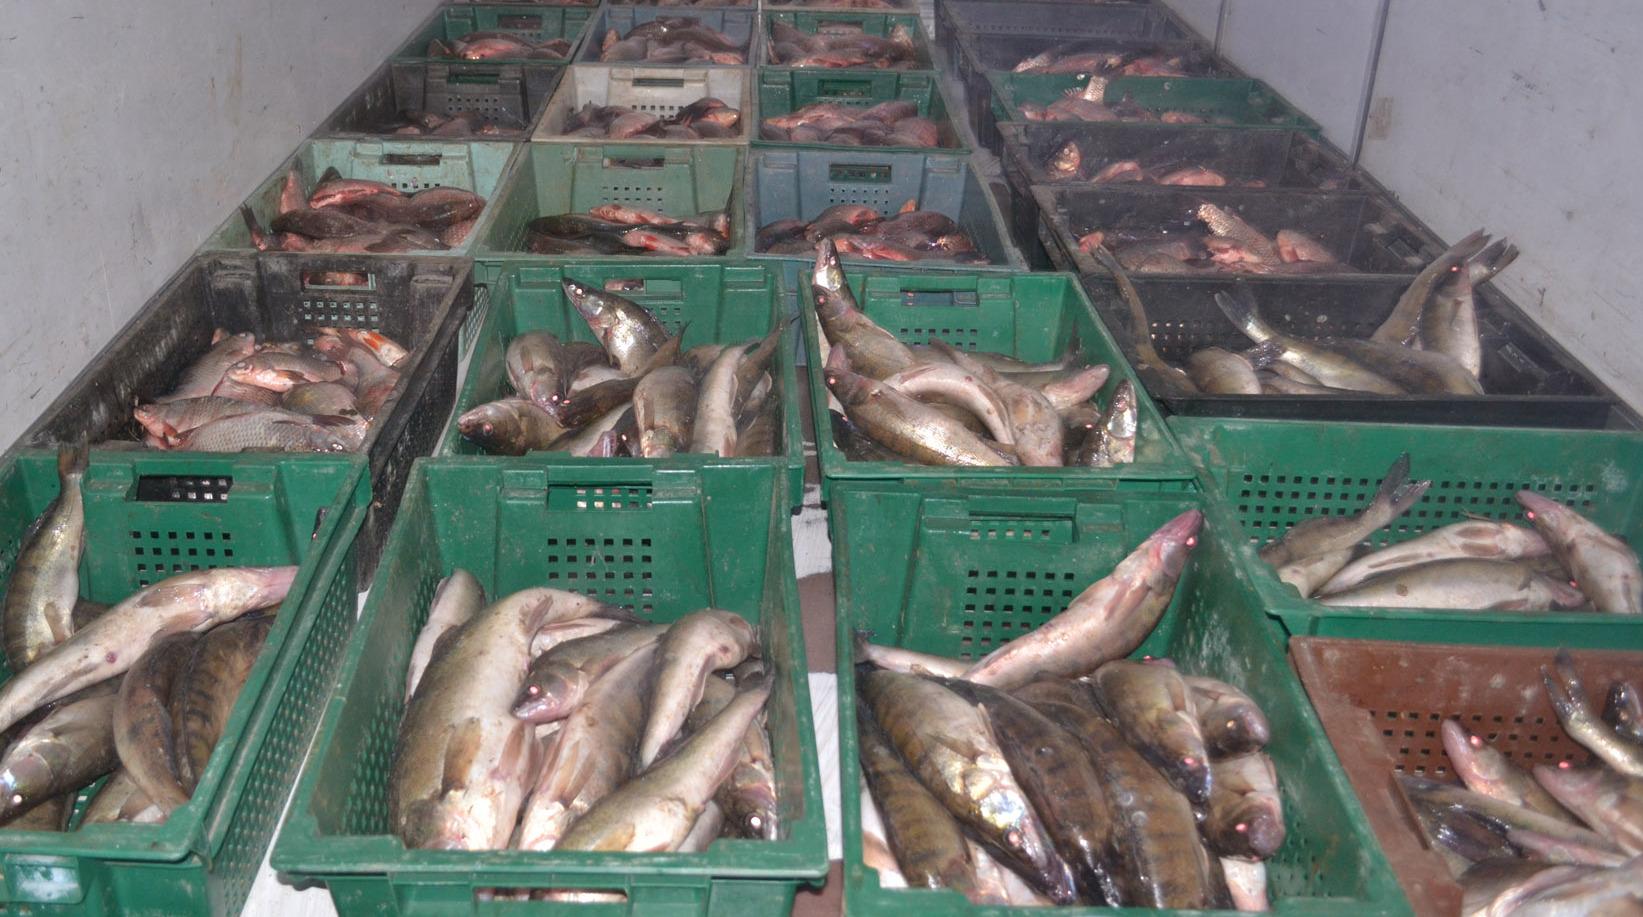 Рыбинспекция и патрули задержали запорожца, перевозившего 650 кг нелегальной рыбы